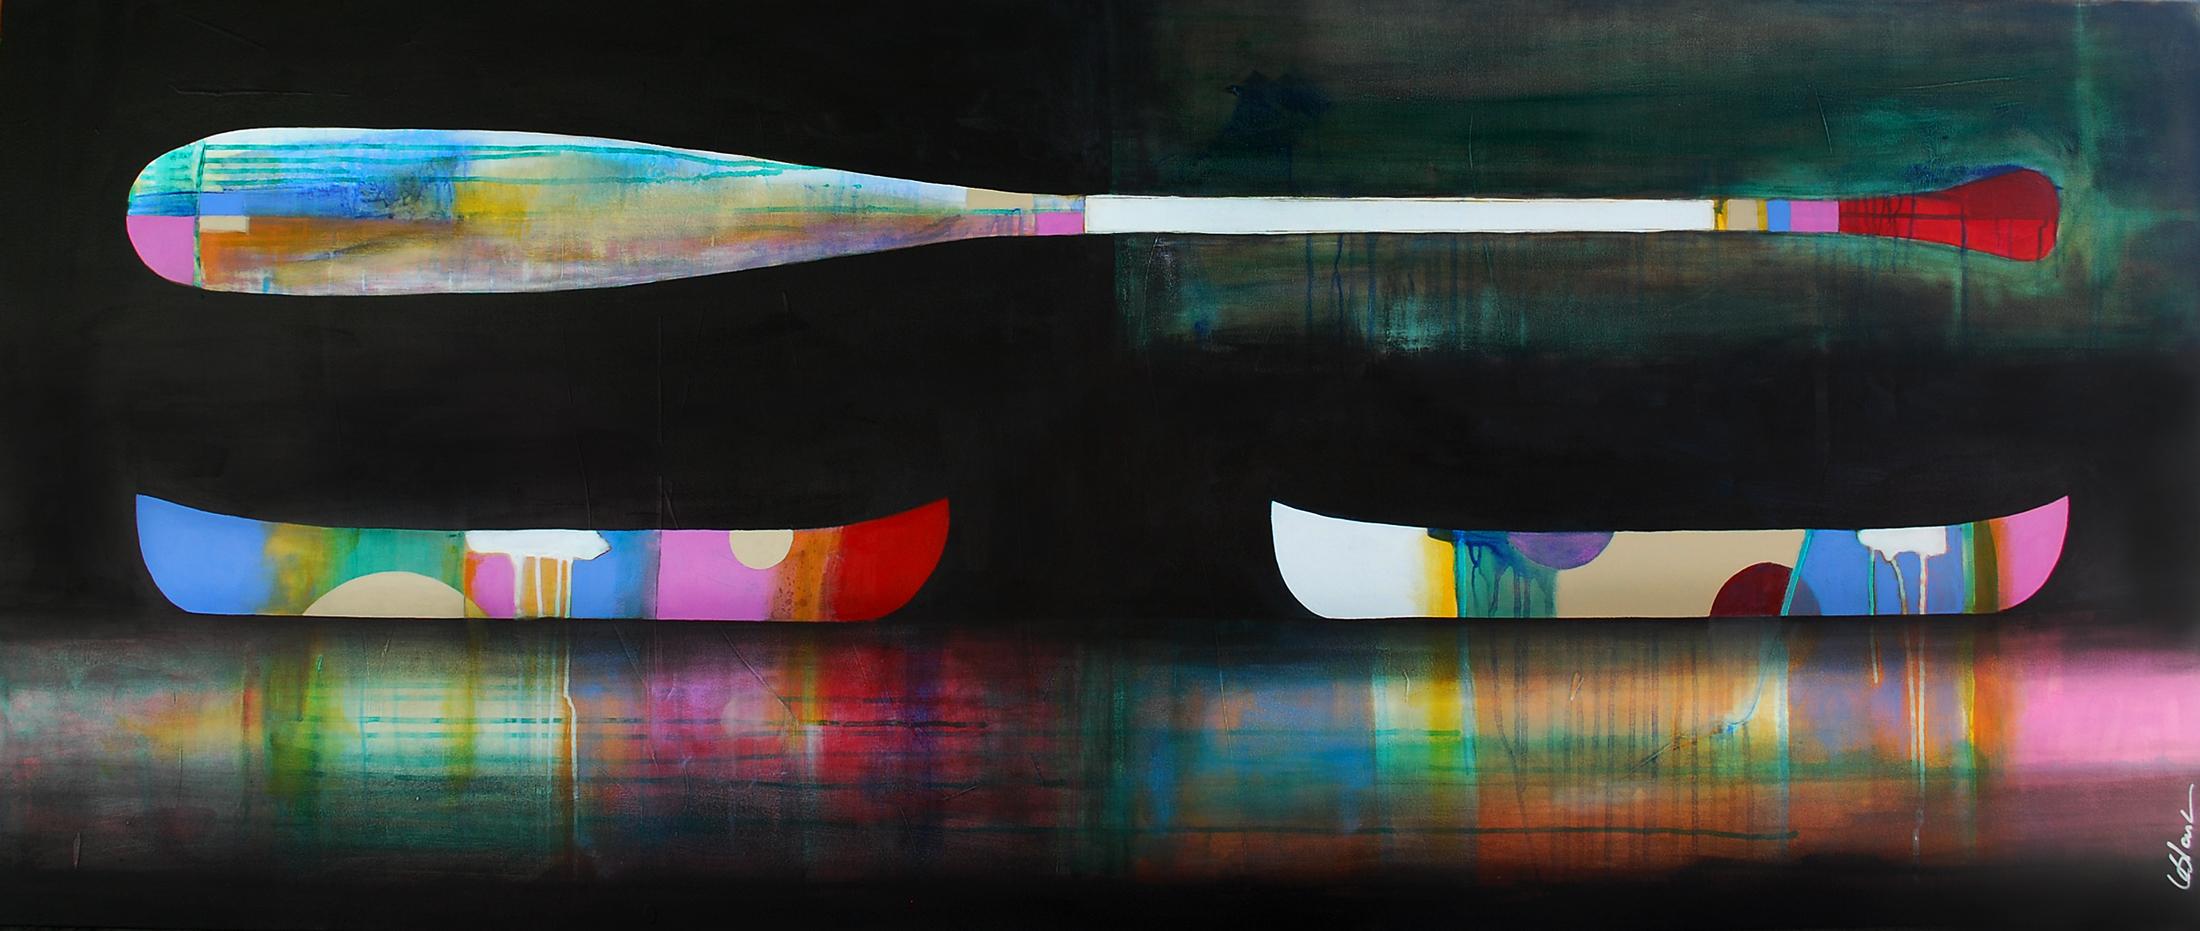 La Lenteur de l'été, mixed media painting by Sylvain Leblanc | Effusion Art Gallery + Cast Glass Studio, Invermere BC